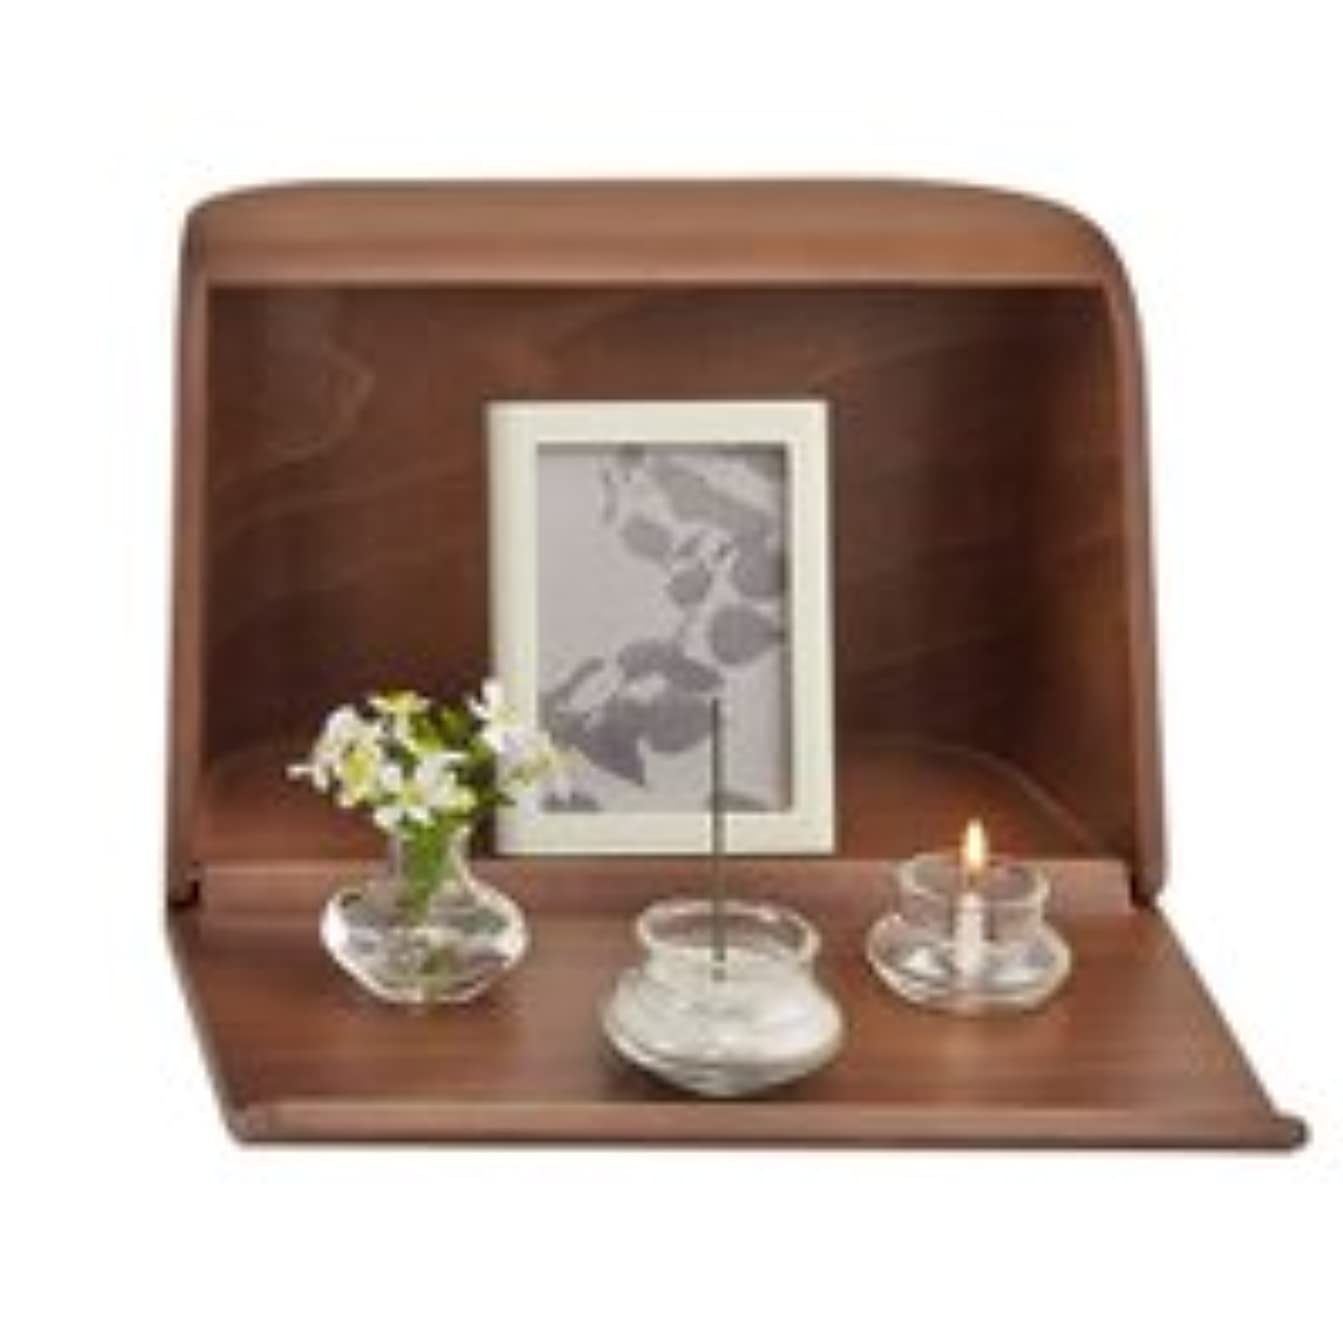 状パースブラックボロウサーマルやさしい時間祈りの手箱ブラウン × 2個セット